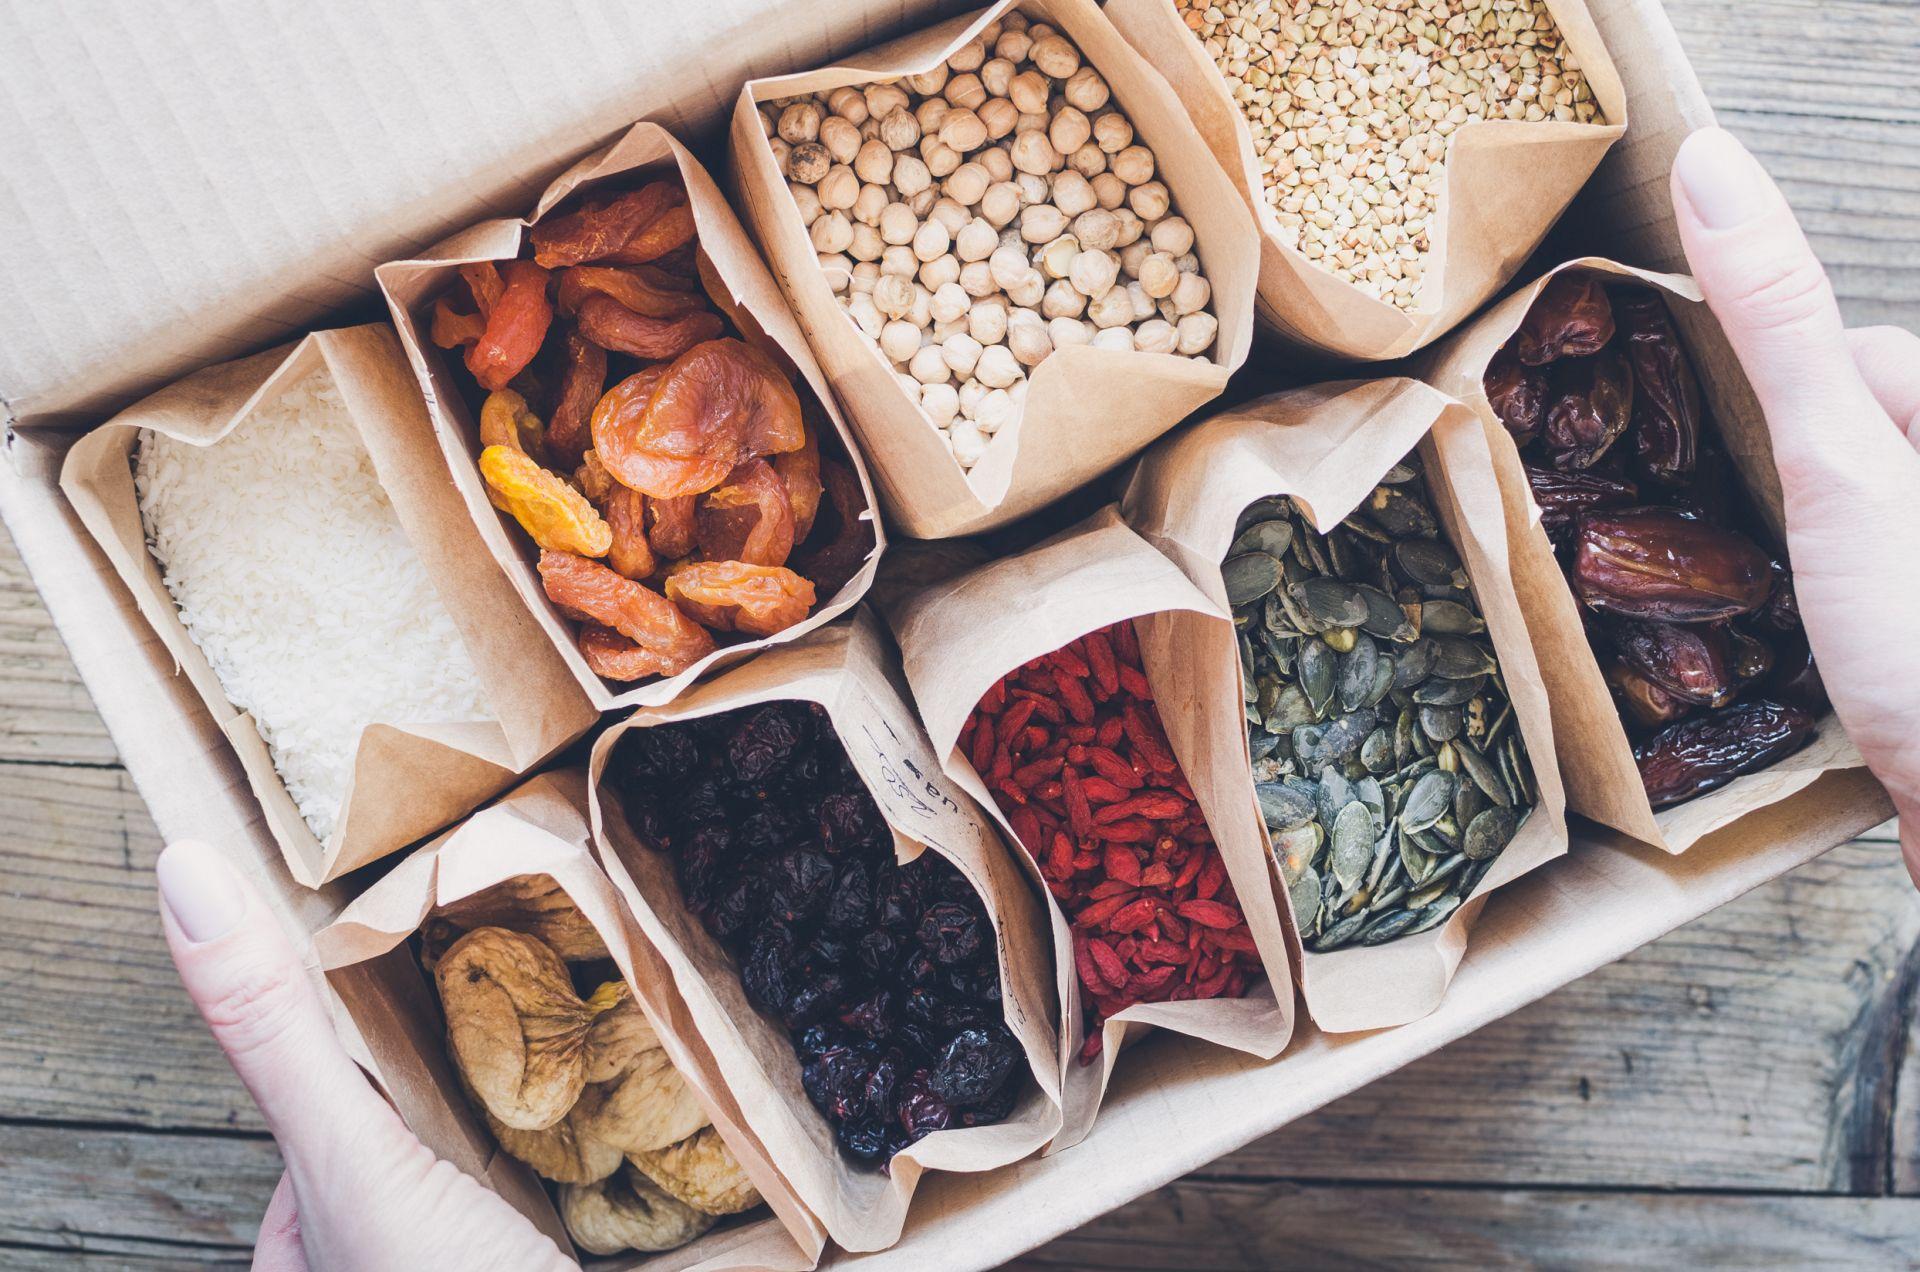 Zdrowe zakupy to podstawa - wybieraj zdrowe tłuszcze pochodzenia roślinnego o niskim stopniu przetworzenia. Postaw na zdrowe orzechy, miękkie margaryny prozdrowotne, nasiona i pestki. Sprawdź, jak kupować świadomie i czytać etykiety.